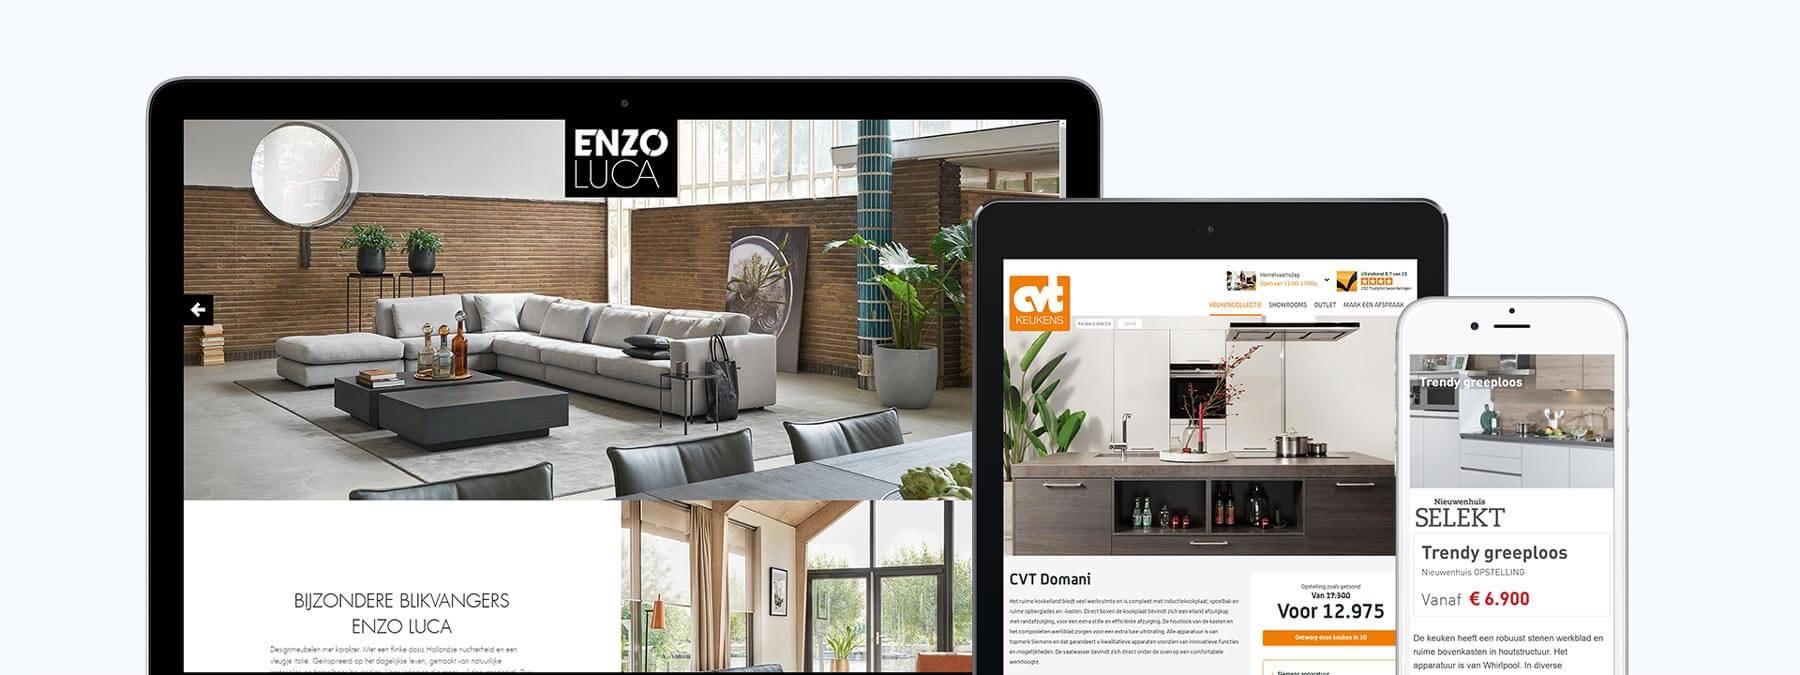 Webdesign voor De Mandemakers Groep uit Waalwijk